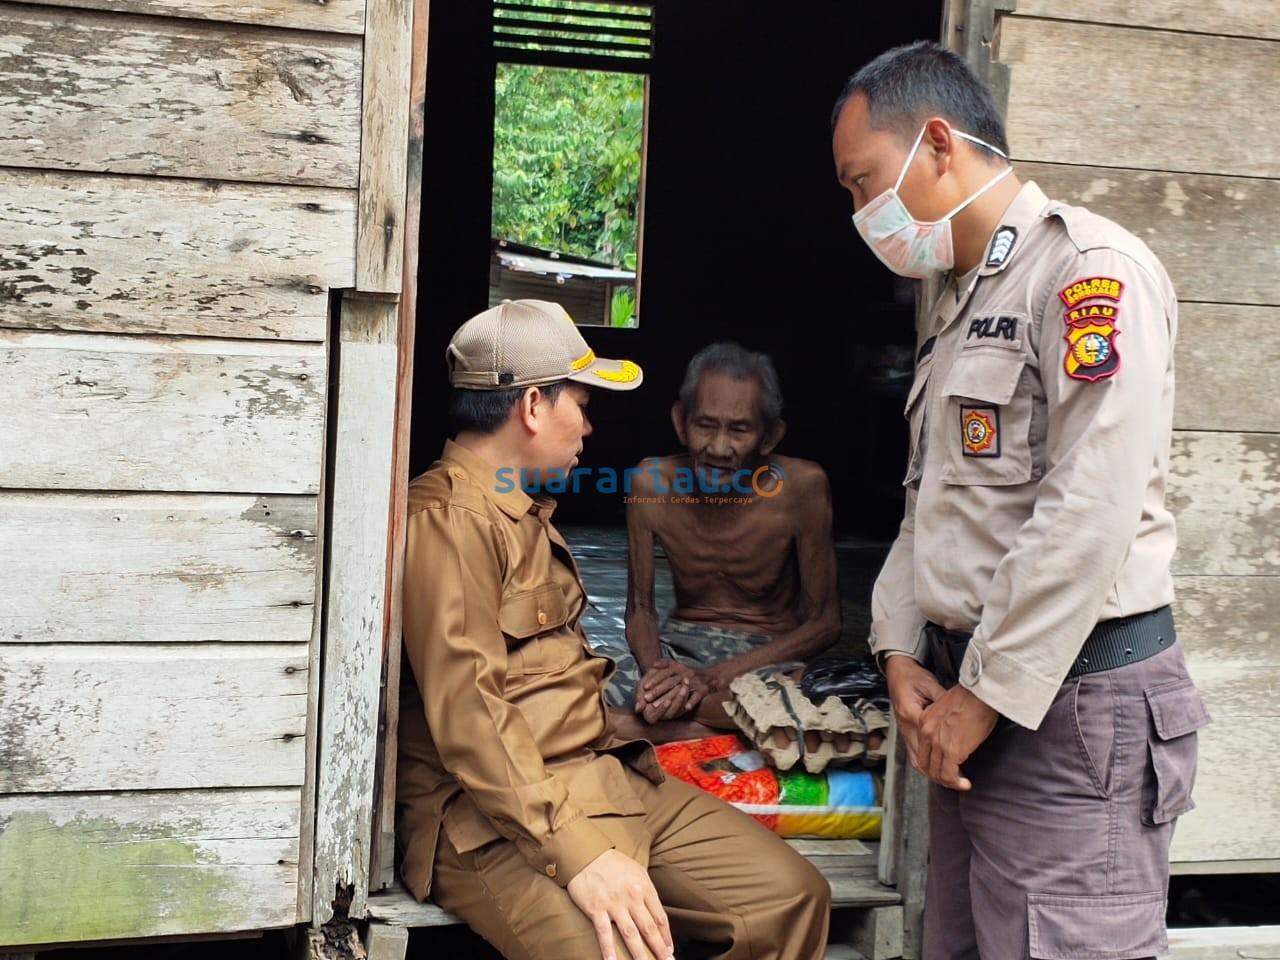 Kepala Desa Sepahat Mhd Azlan dan jajaran beserta Babimkamtibmas Desa Sepahat, saat menyalurkan bantuan sembako untuk anak yatim dan kaum dhuafa, Senin 6 April 2020.